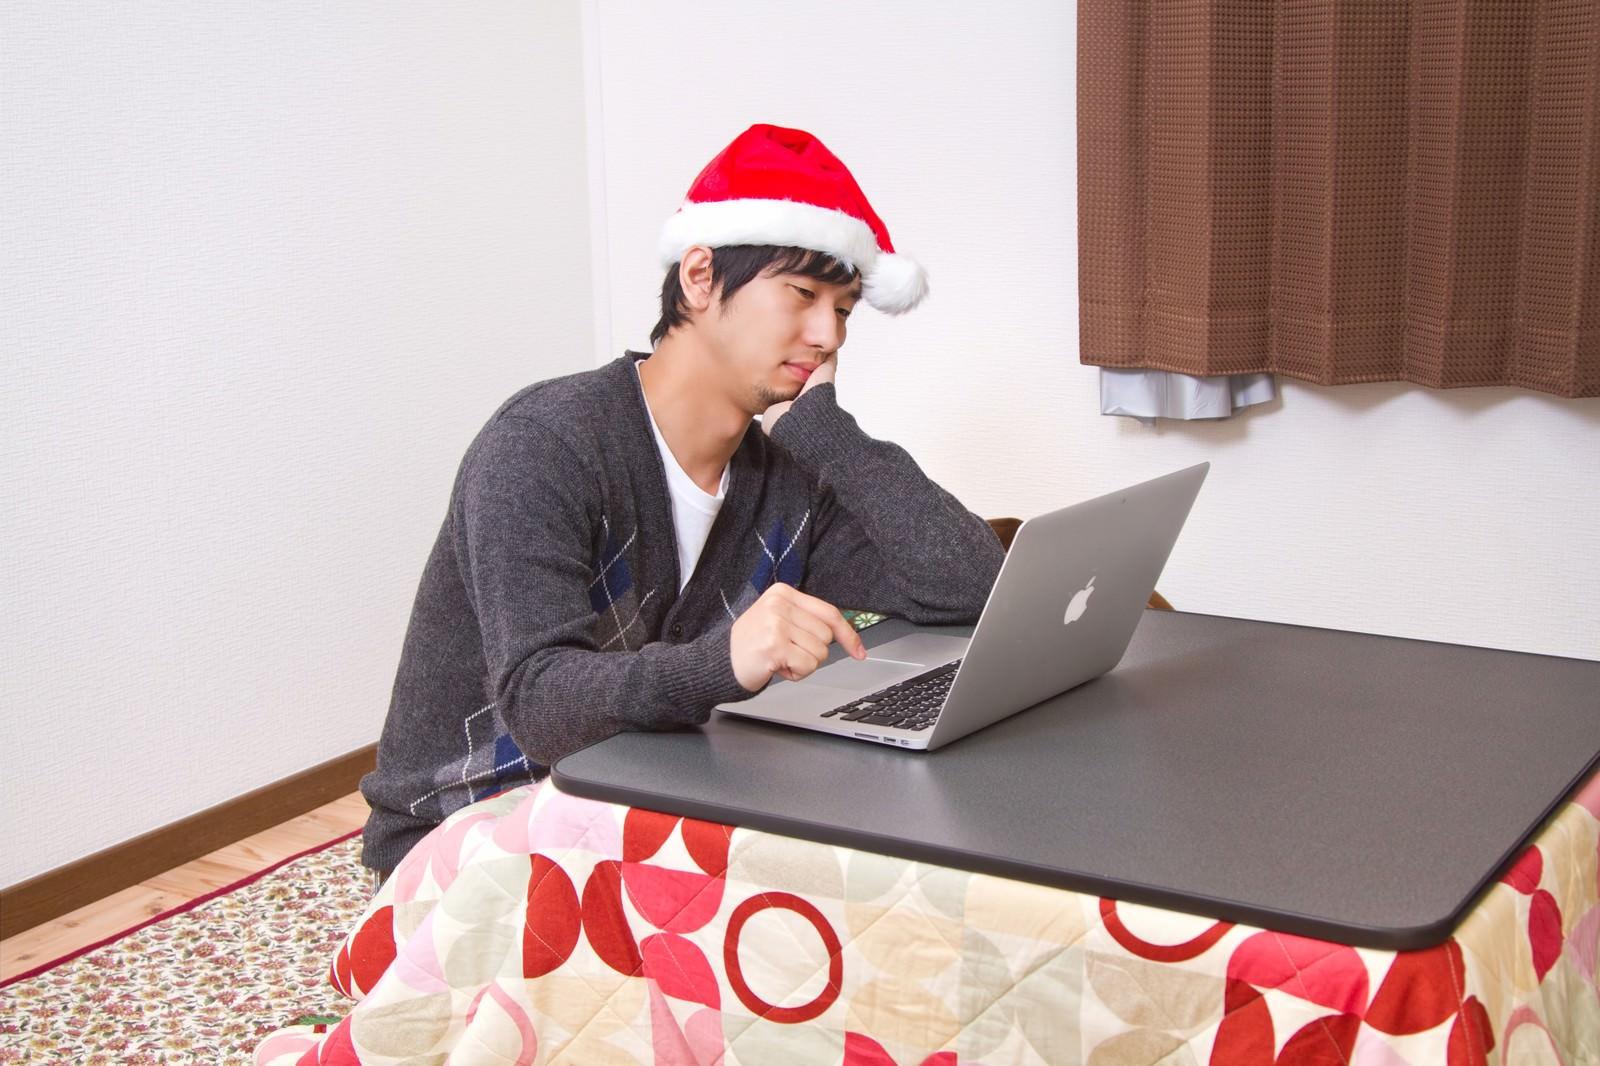 『世間はリア充ばかりか』とクリスマスをネットしながら孤独に過ごす男性のフリー素材